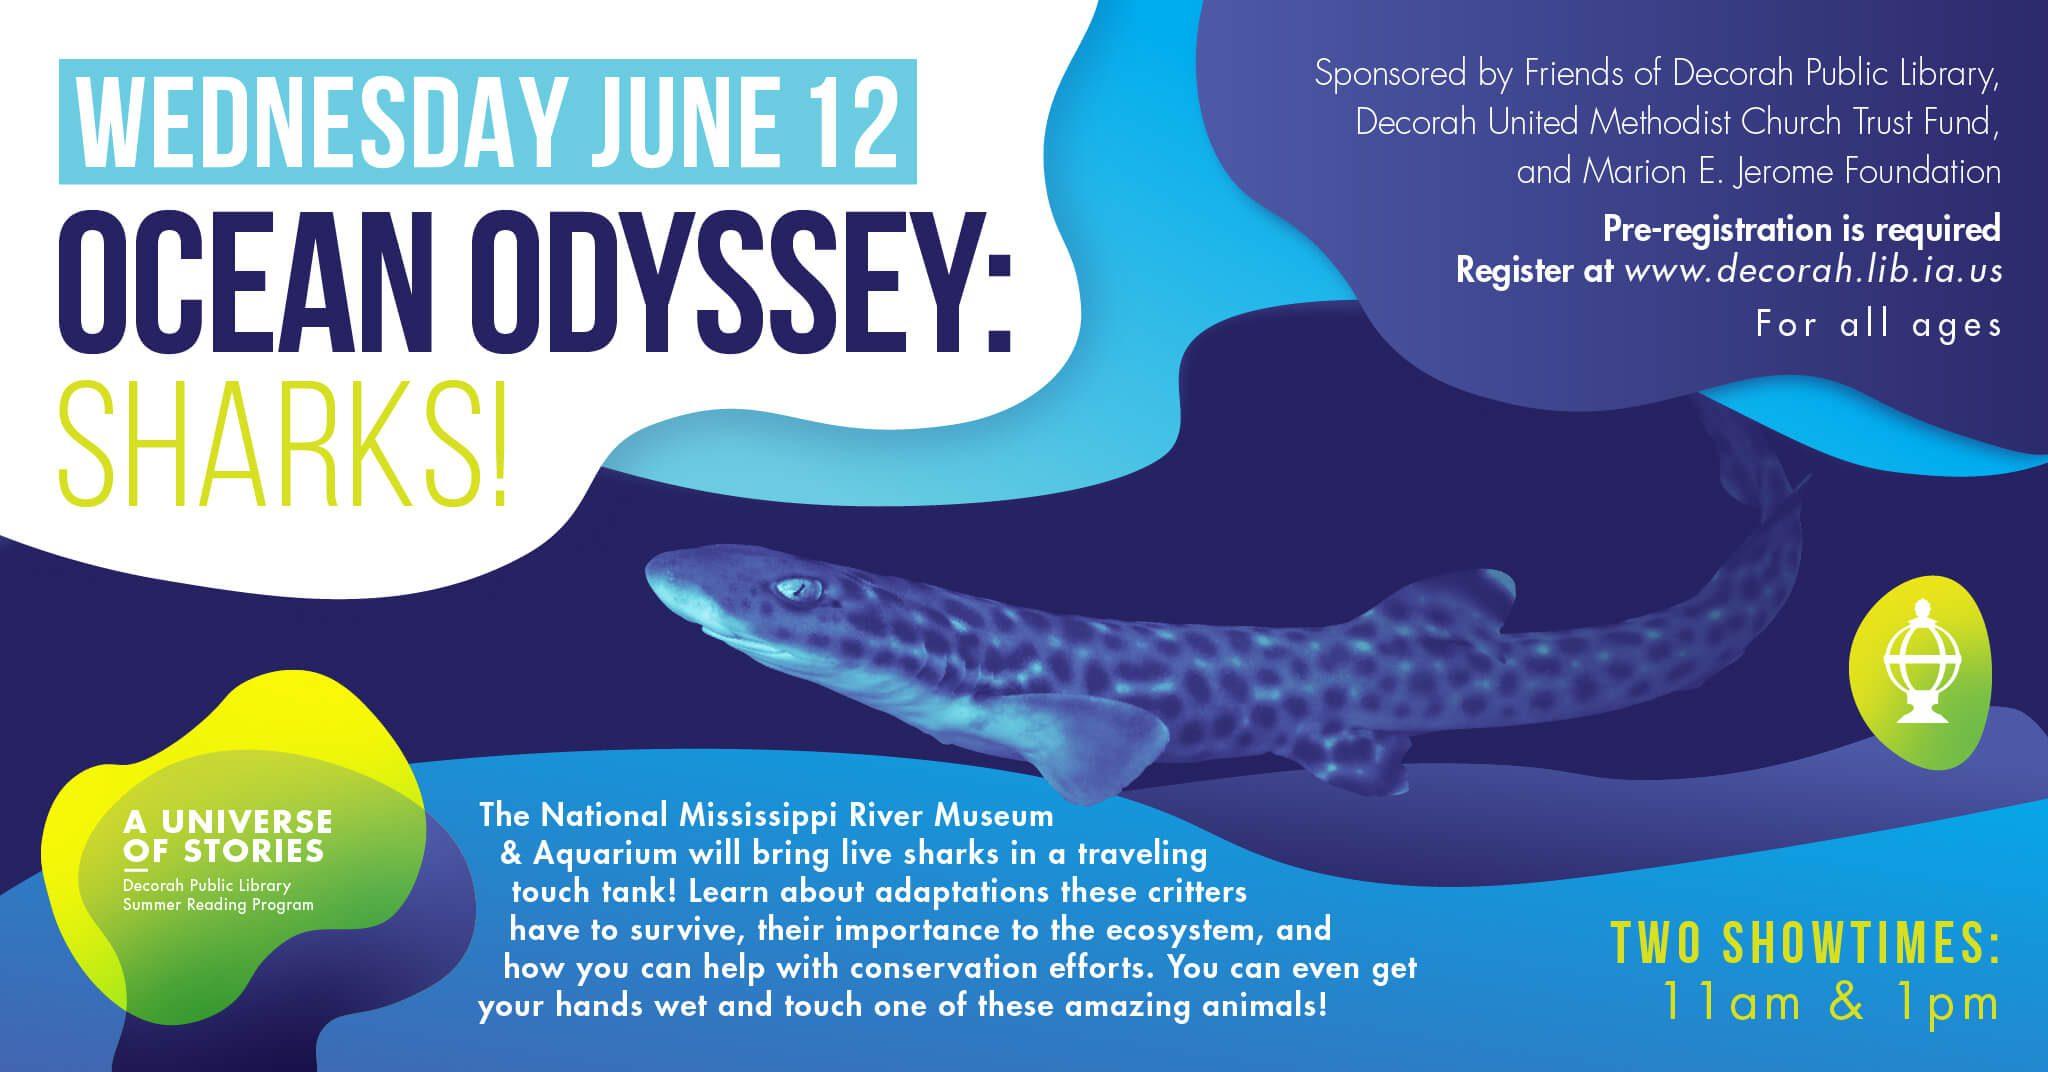 Ocean Odyssey: Sharks!